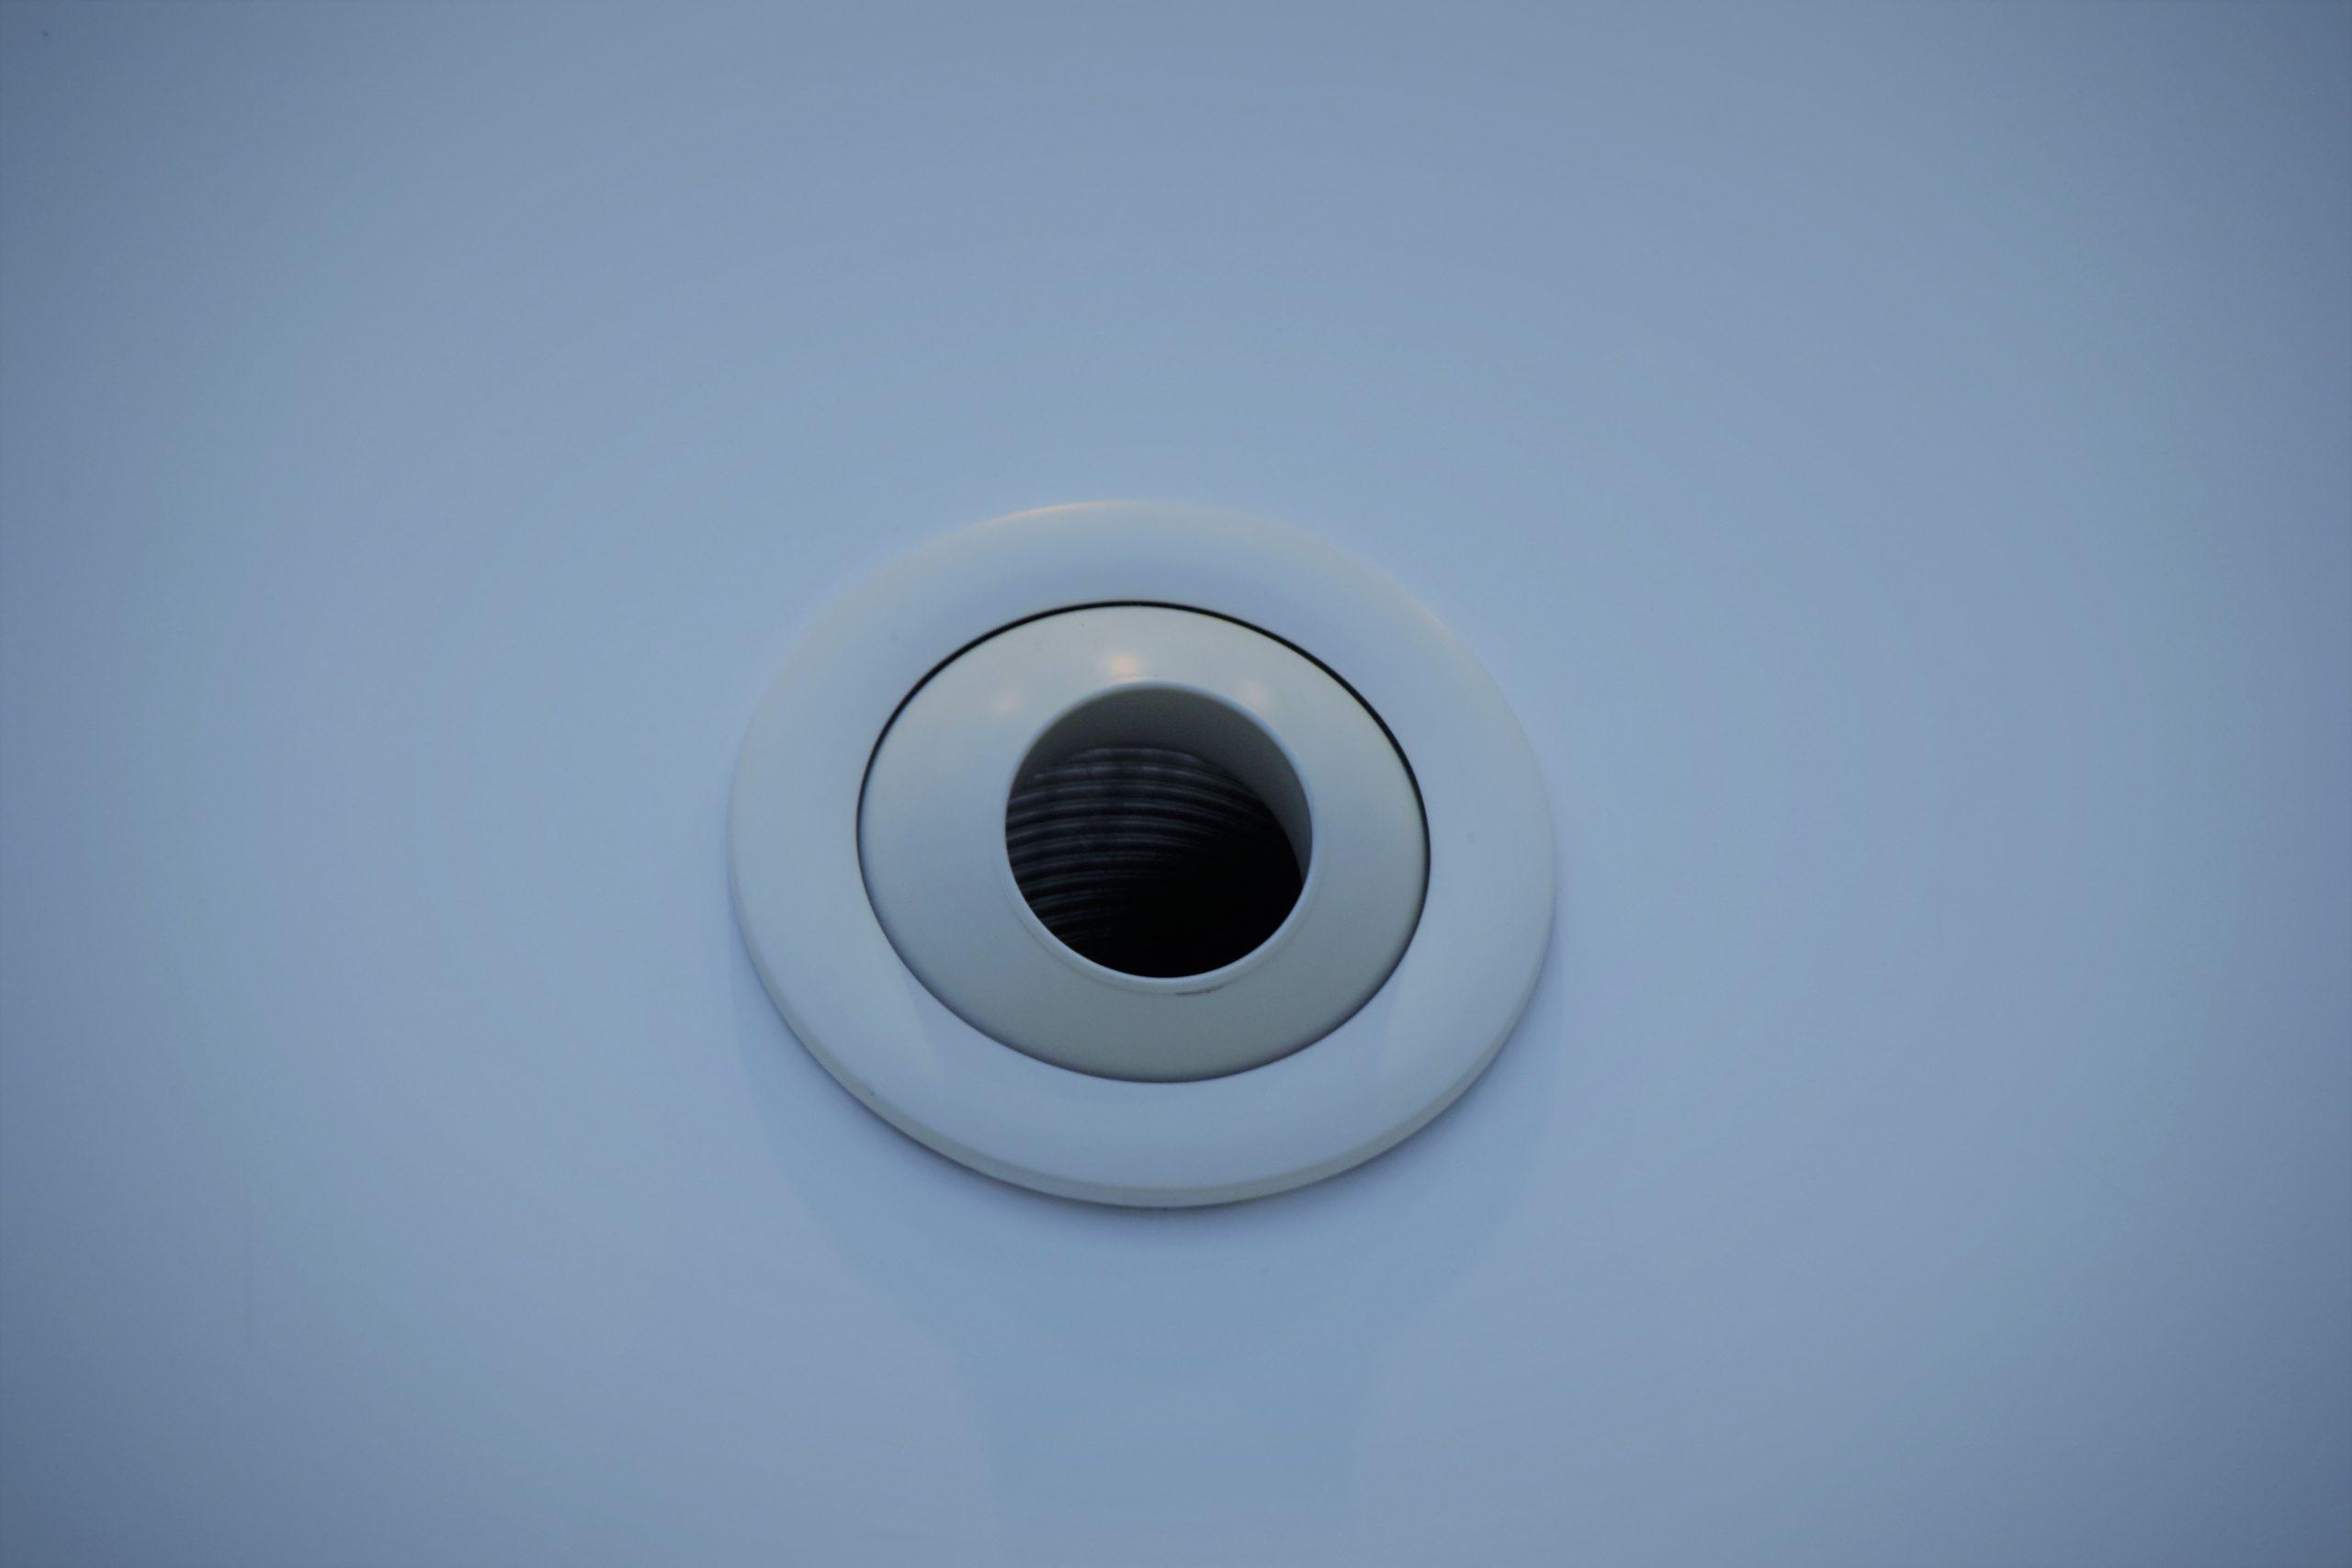 telecamere nascoste